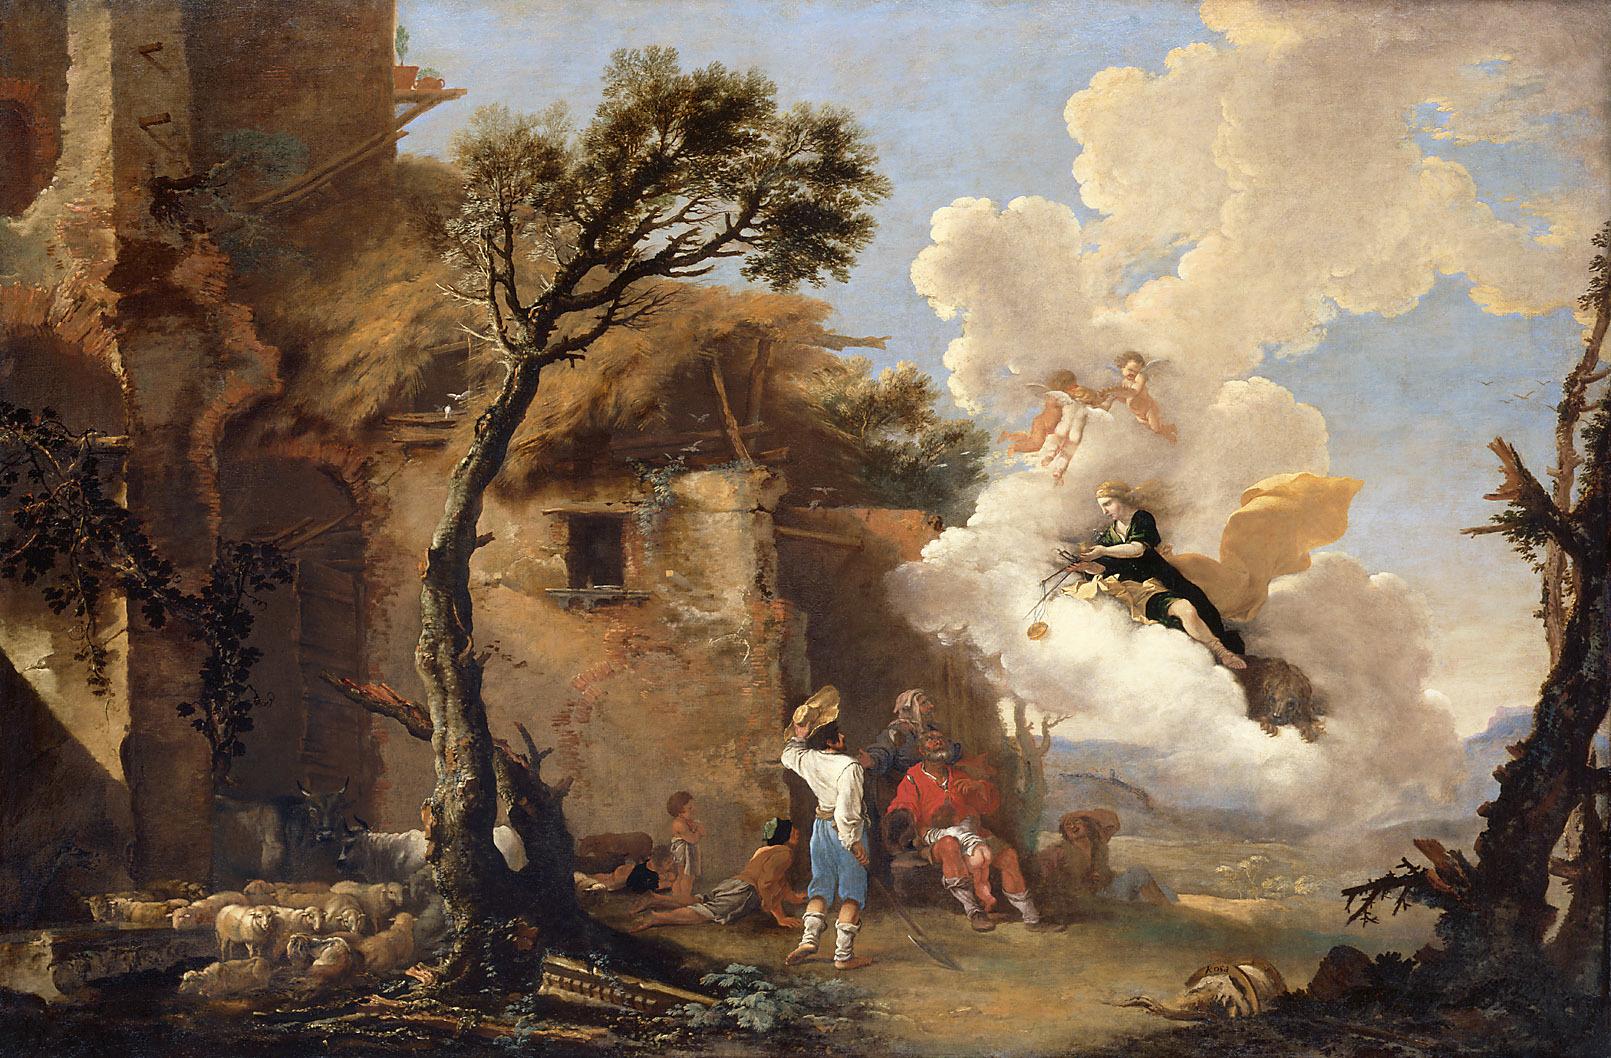 Rosa 1642-45 La Justice entre les bergers (Astree) Gemaldegalerie Vienne